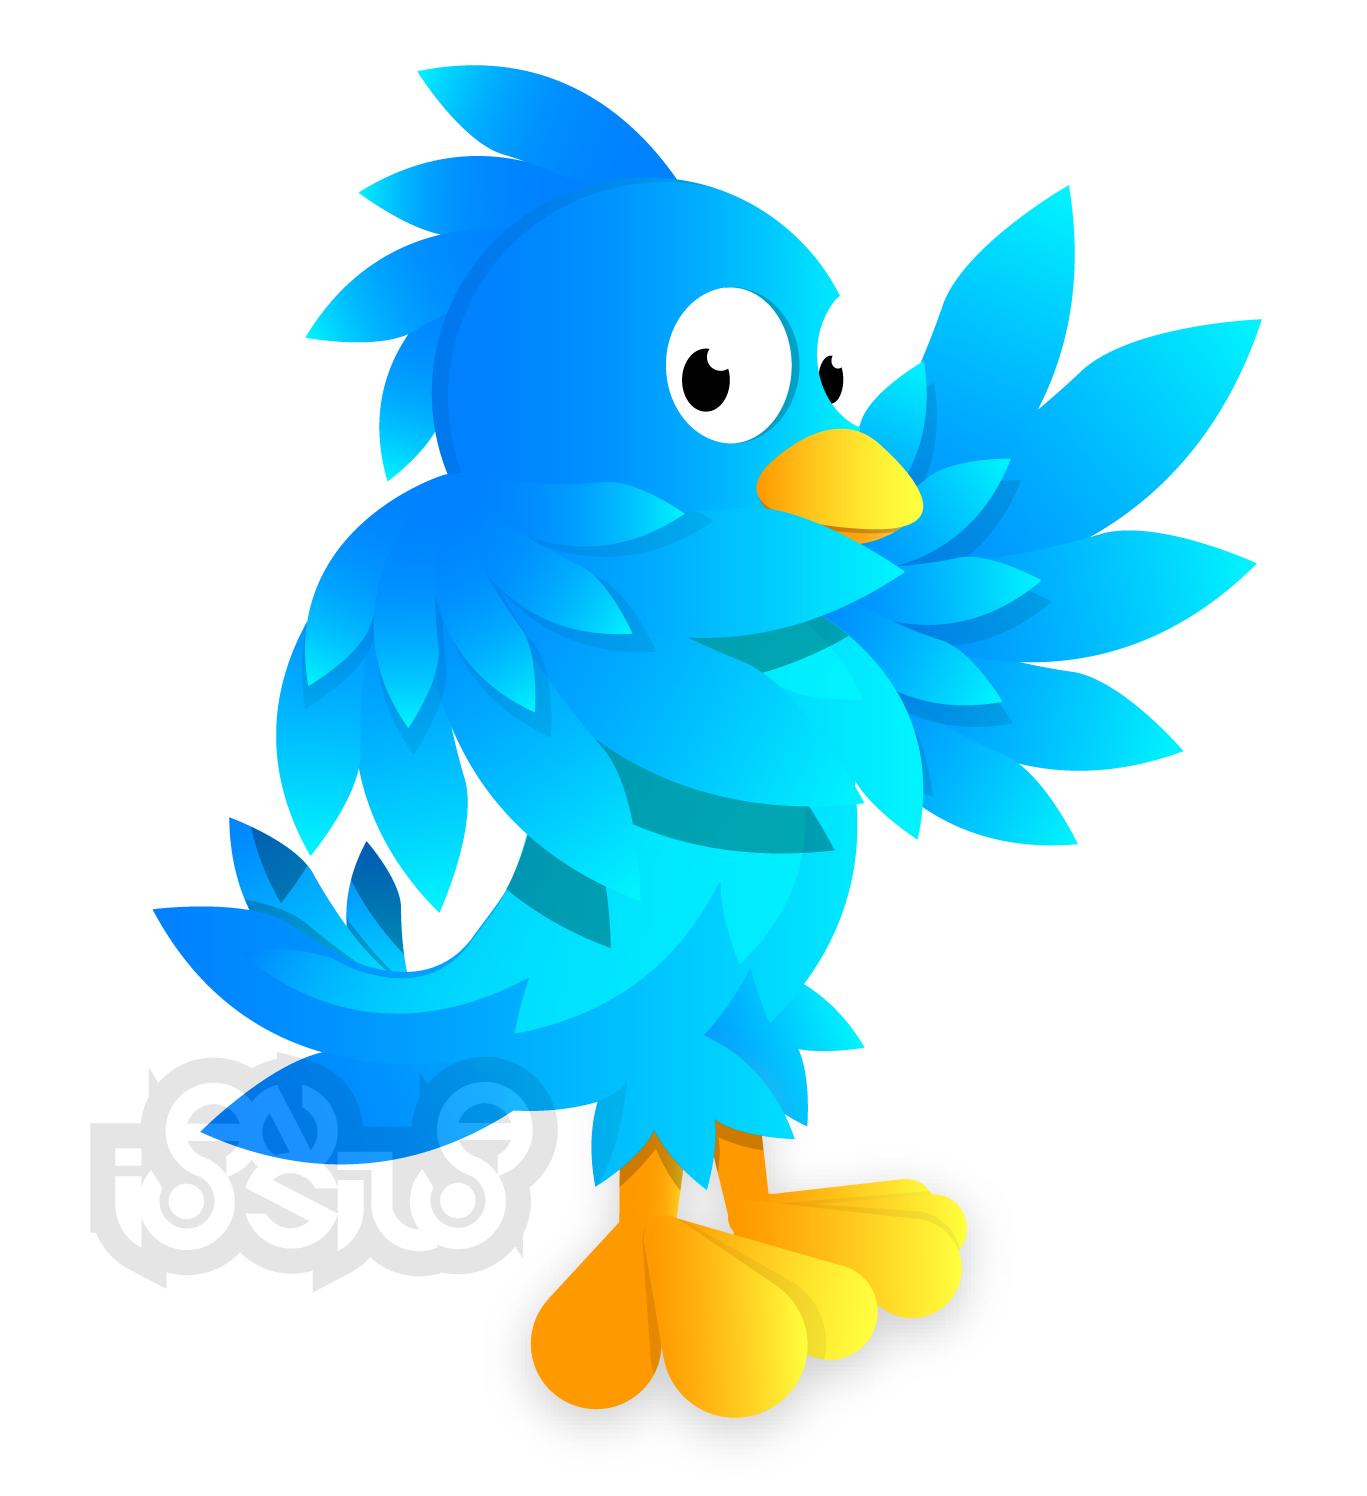 http://2.bp.blogspot.com/_35gbQrz7G6I/TAkKZ0lz_8I/AAAAAAAAAa0/jKfDFYZ5MeU/s1600/TwitterBird.ai.jpg